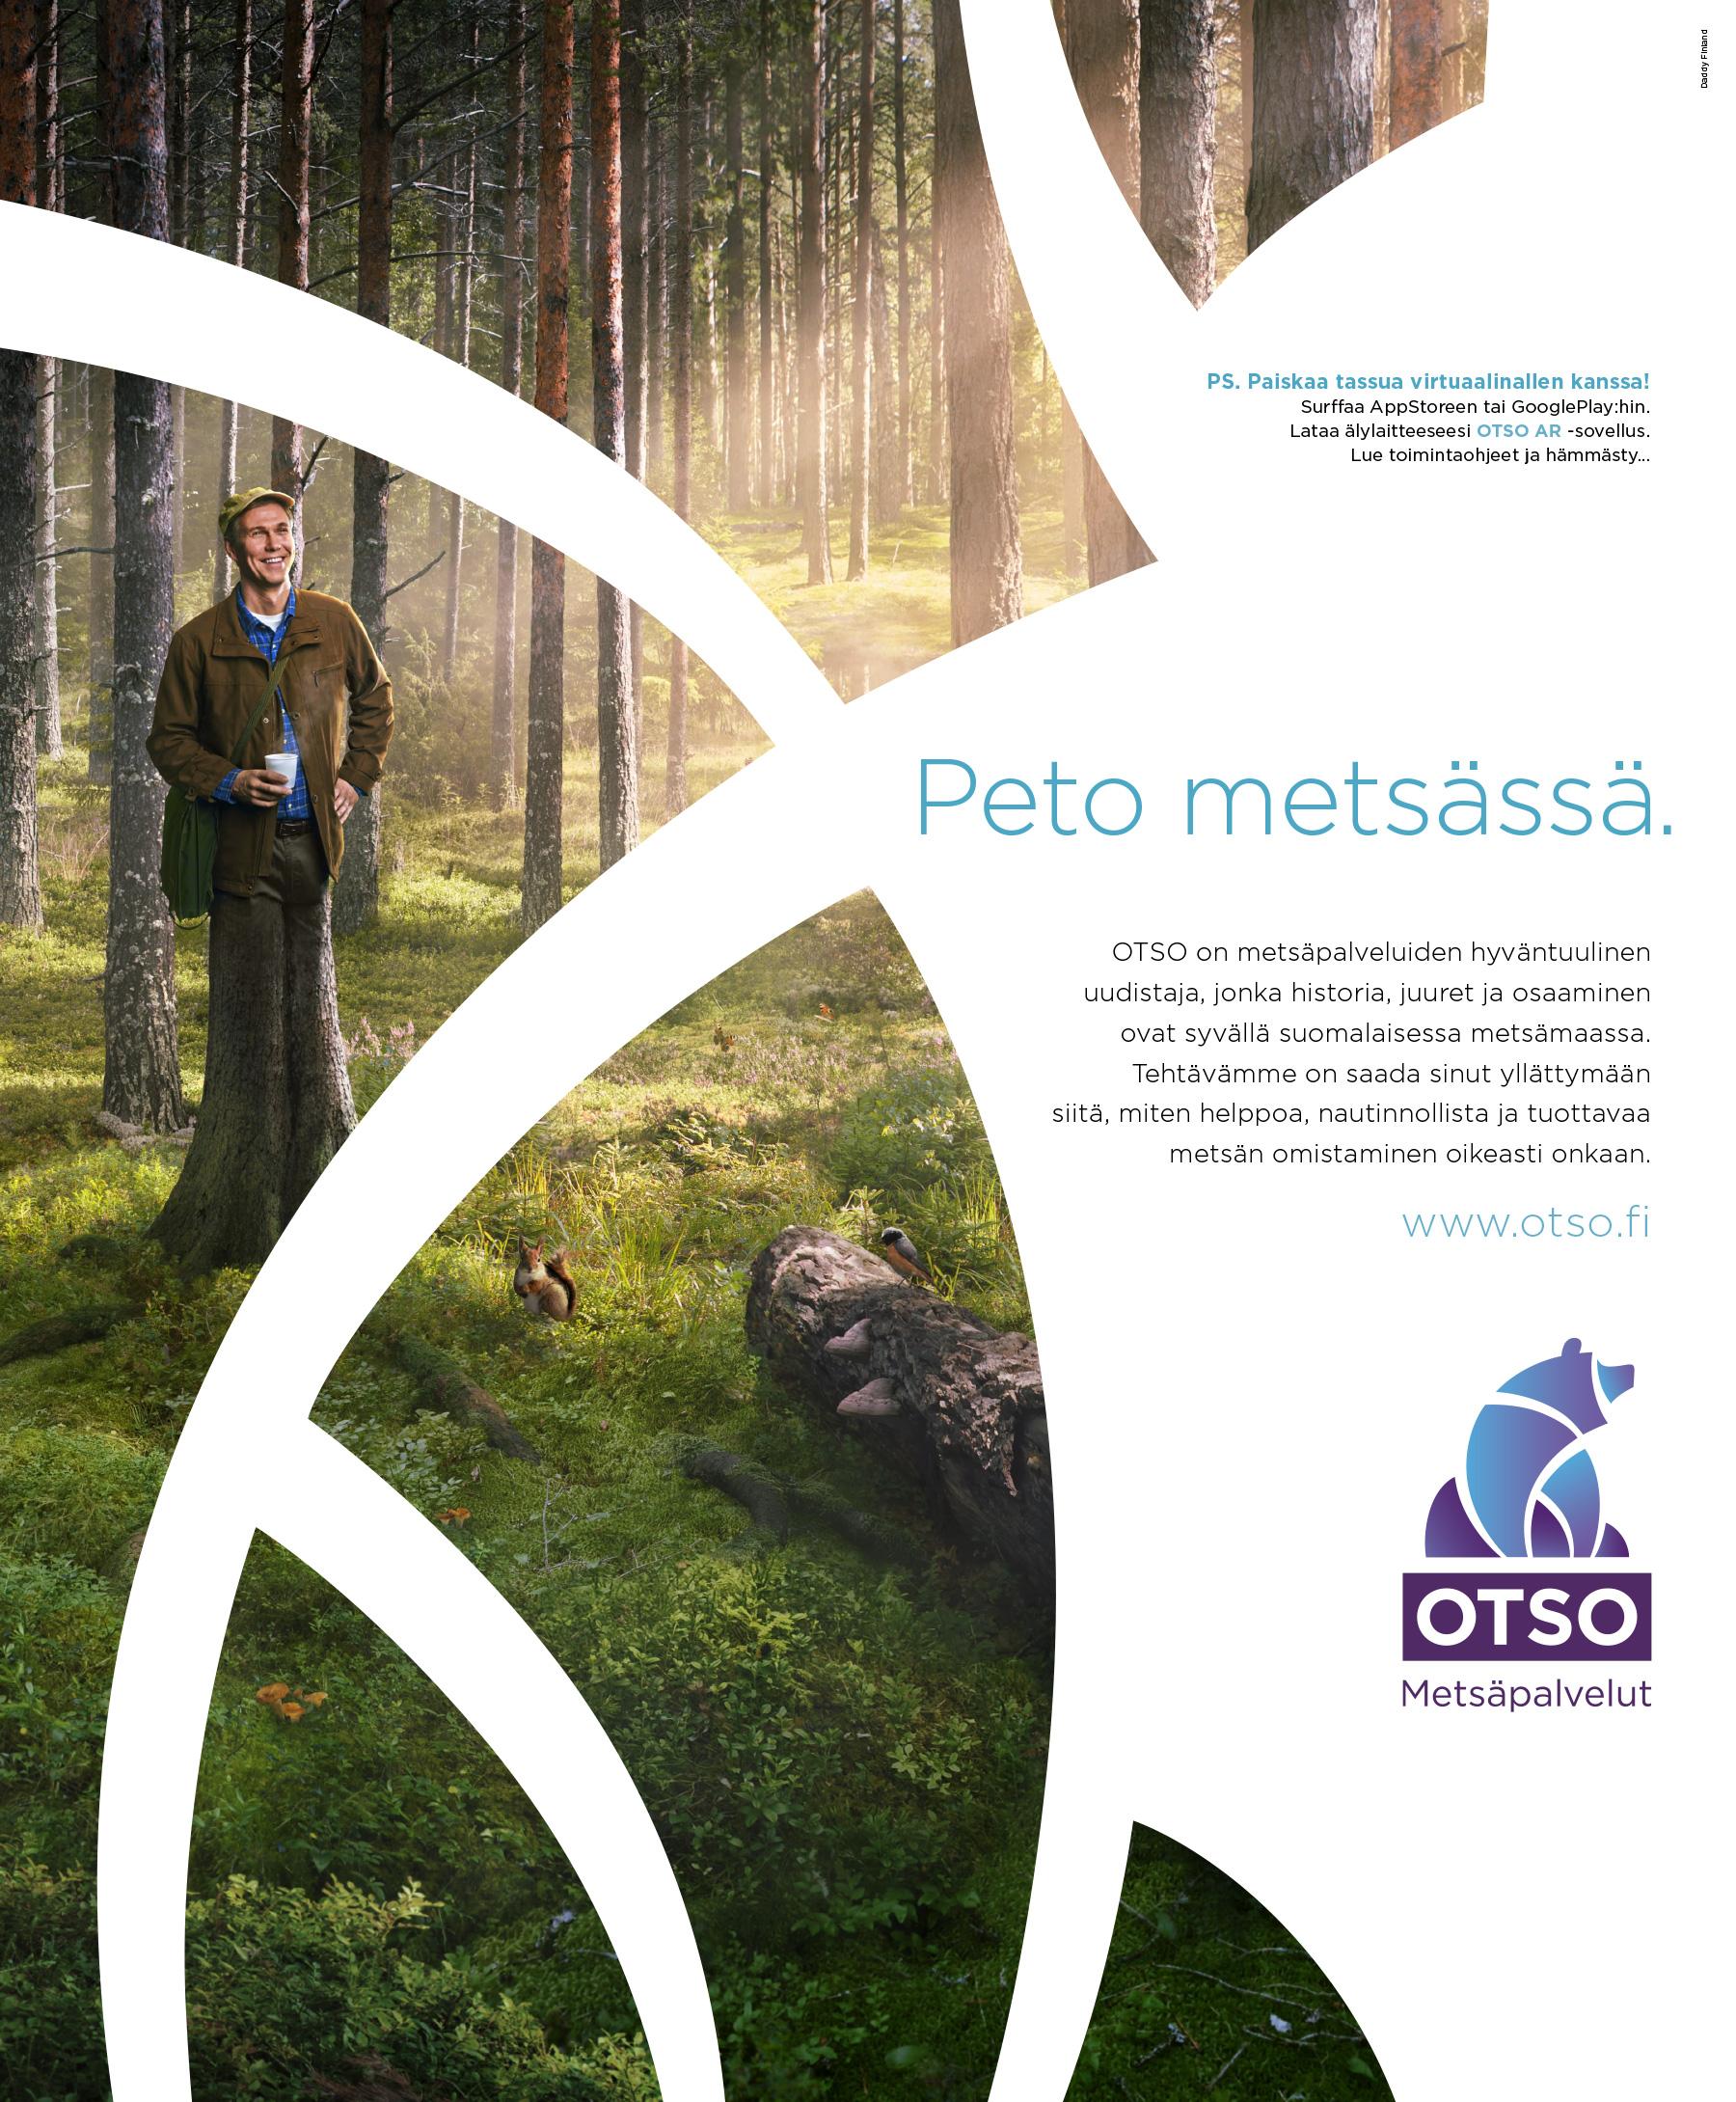 OTSO Metsäpalvelut -ilmoitus, AR-toteutus printti-ilmoituksen sisällä